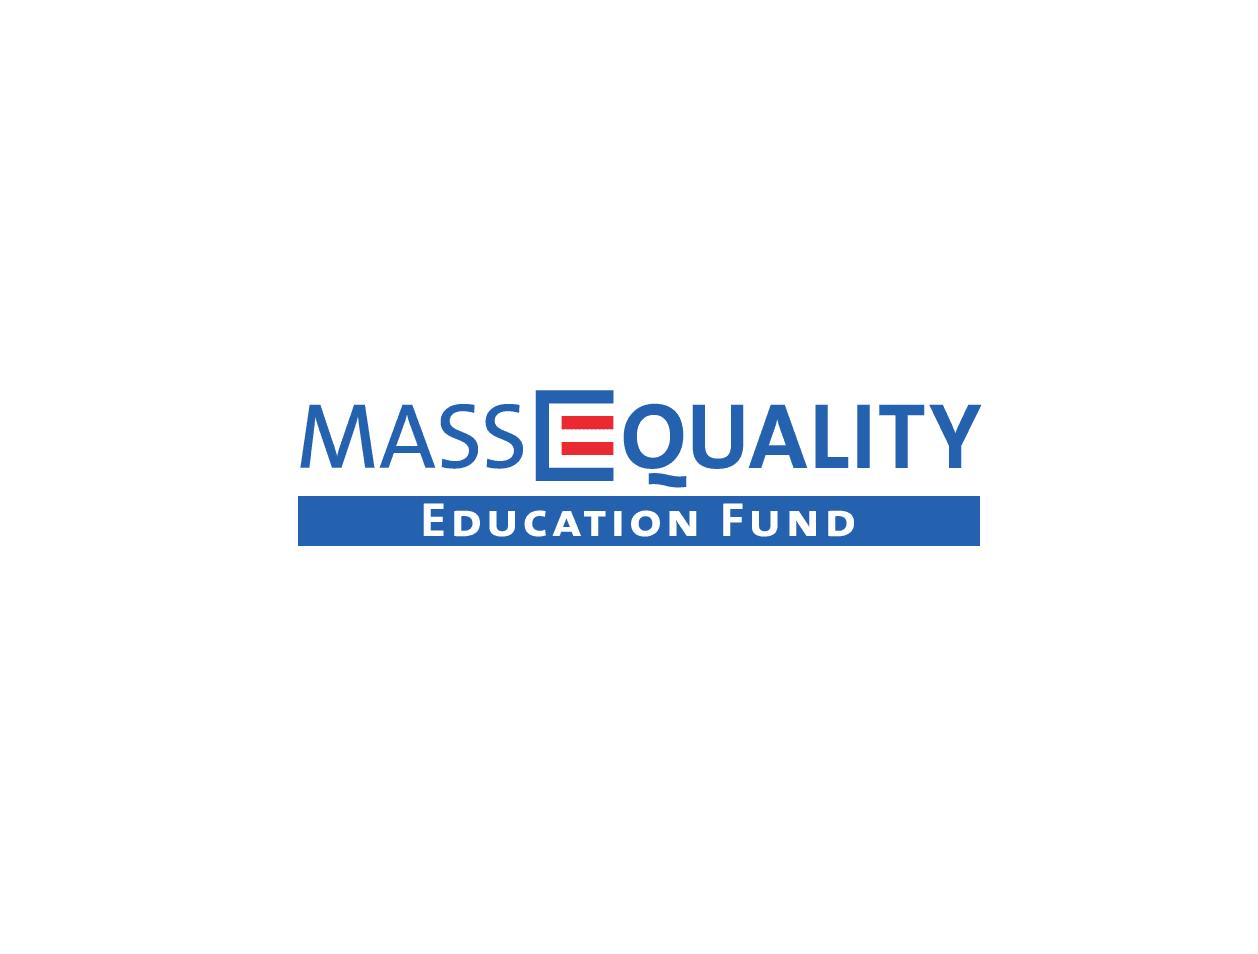 Mass Equality image